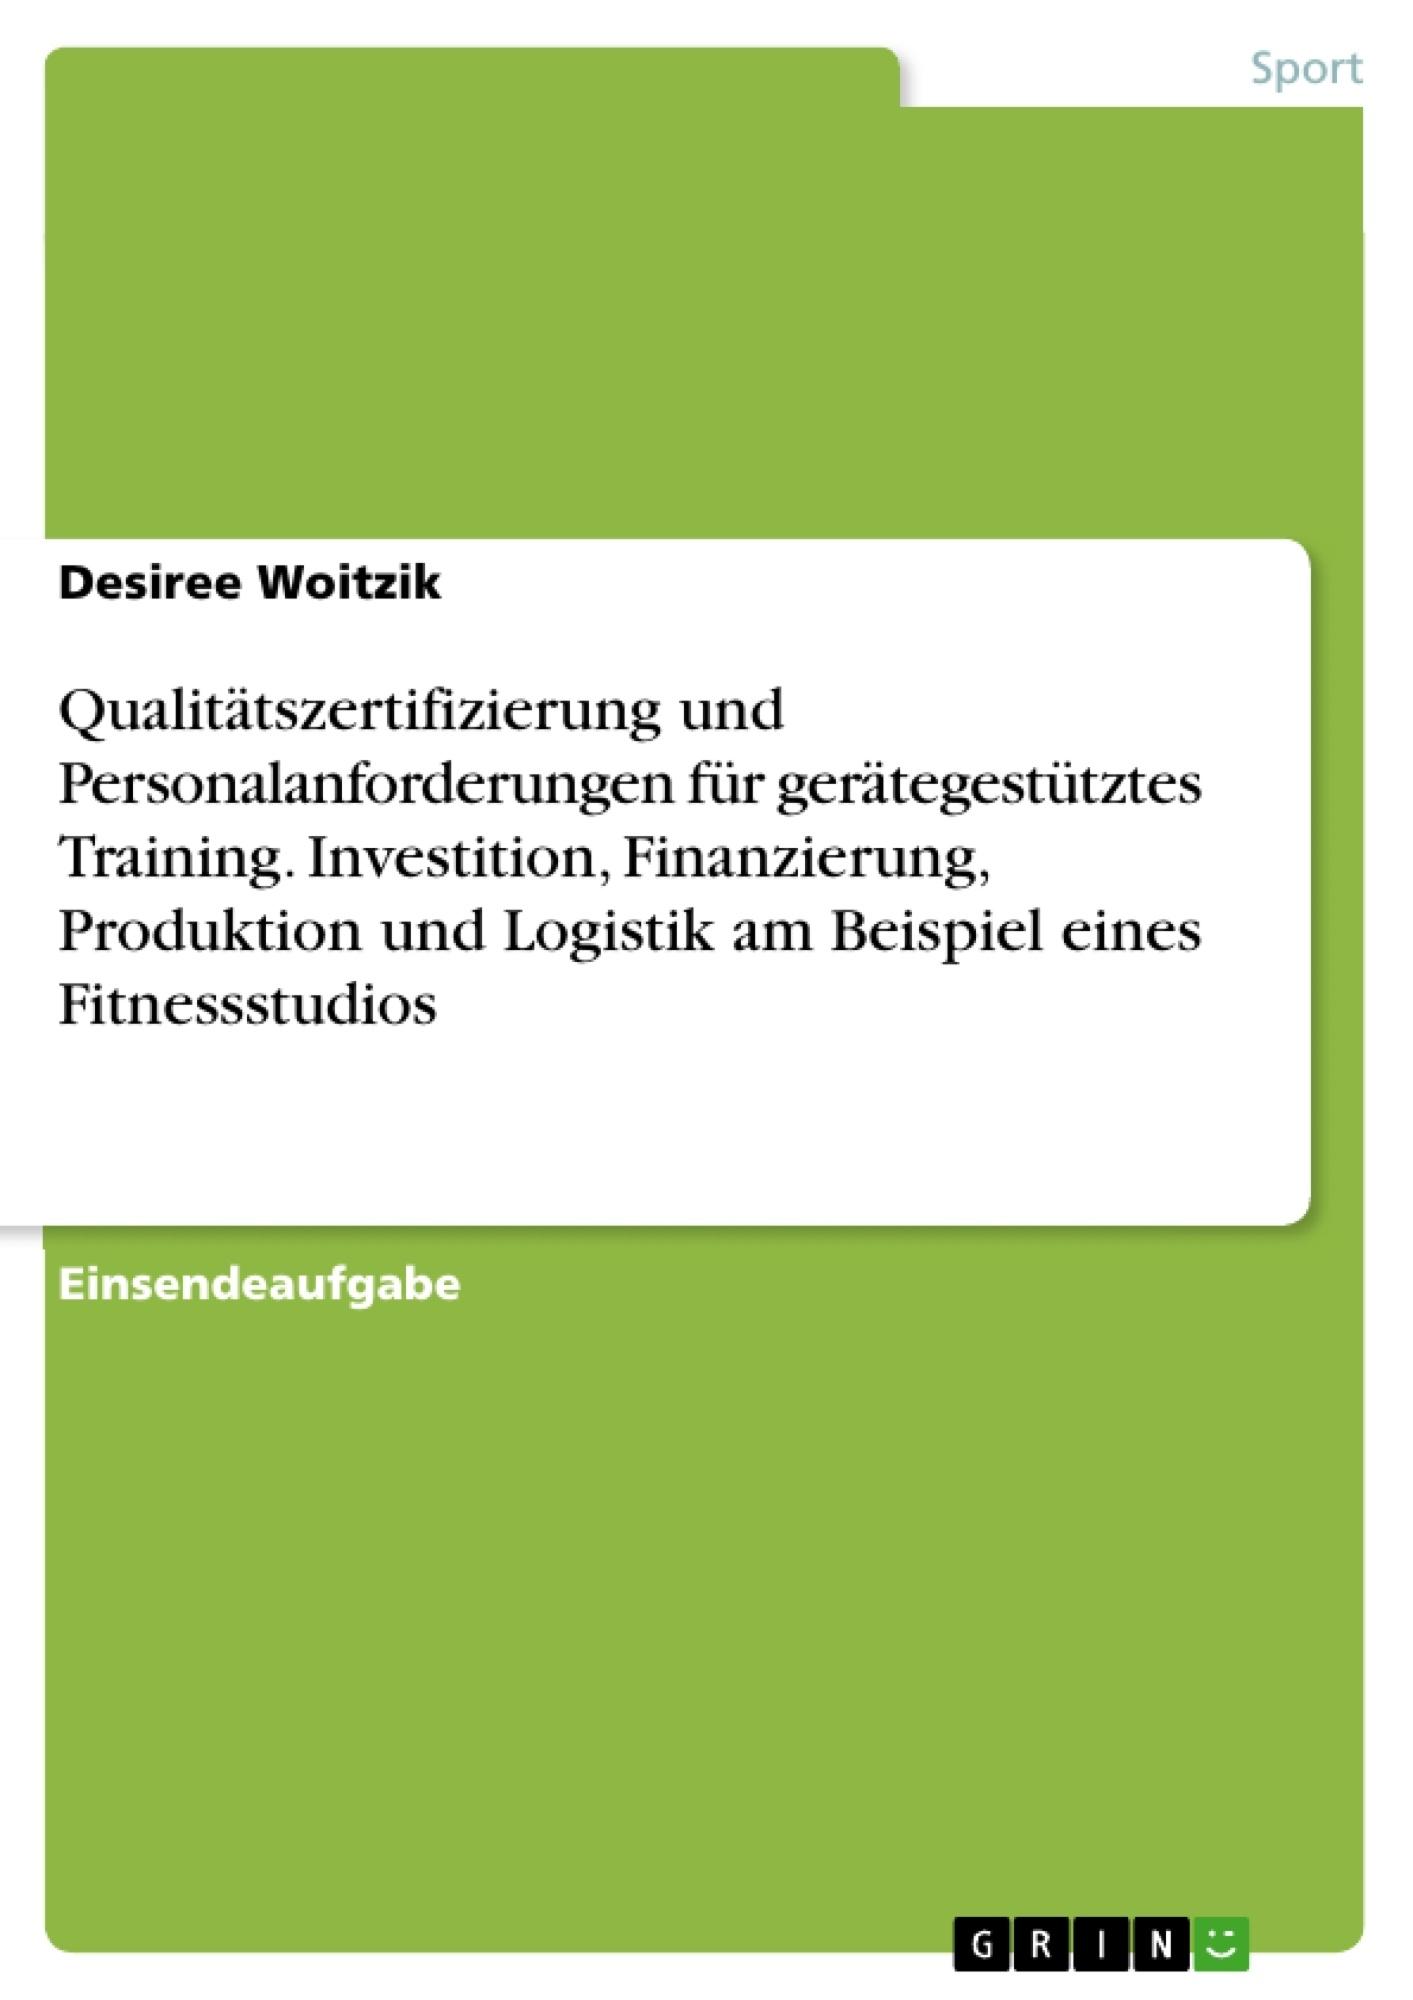 Titel: Qualitätszertifizierung und Personalanforderungen für gerätegestütztes Training. Investition, Finanzierung, Produktion und Logistik am Beispiel eines Fitnessstudios